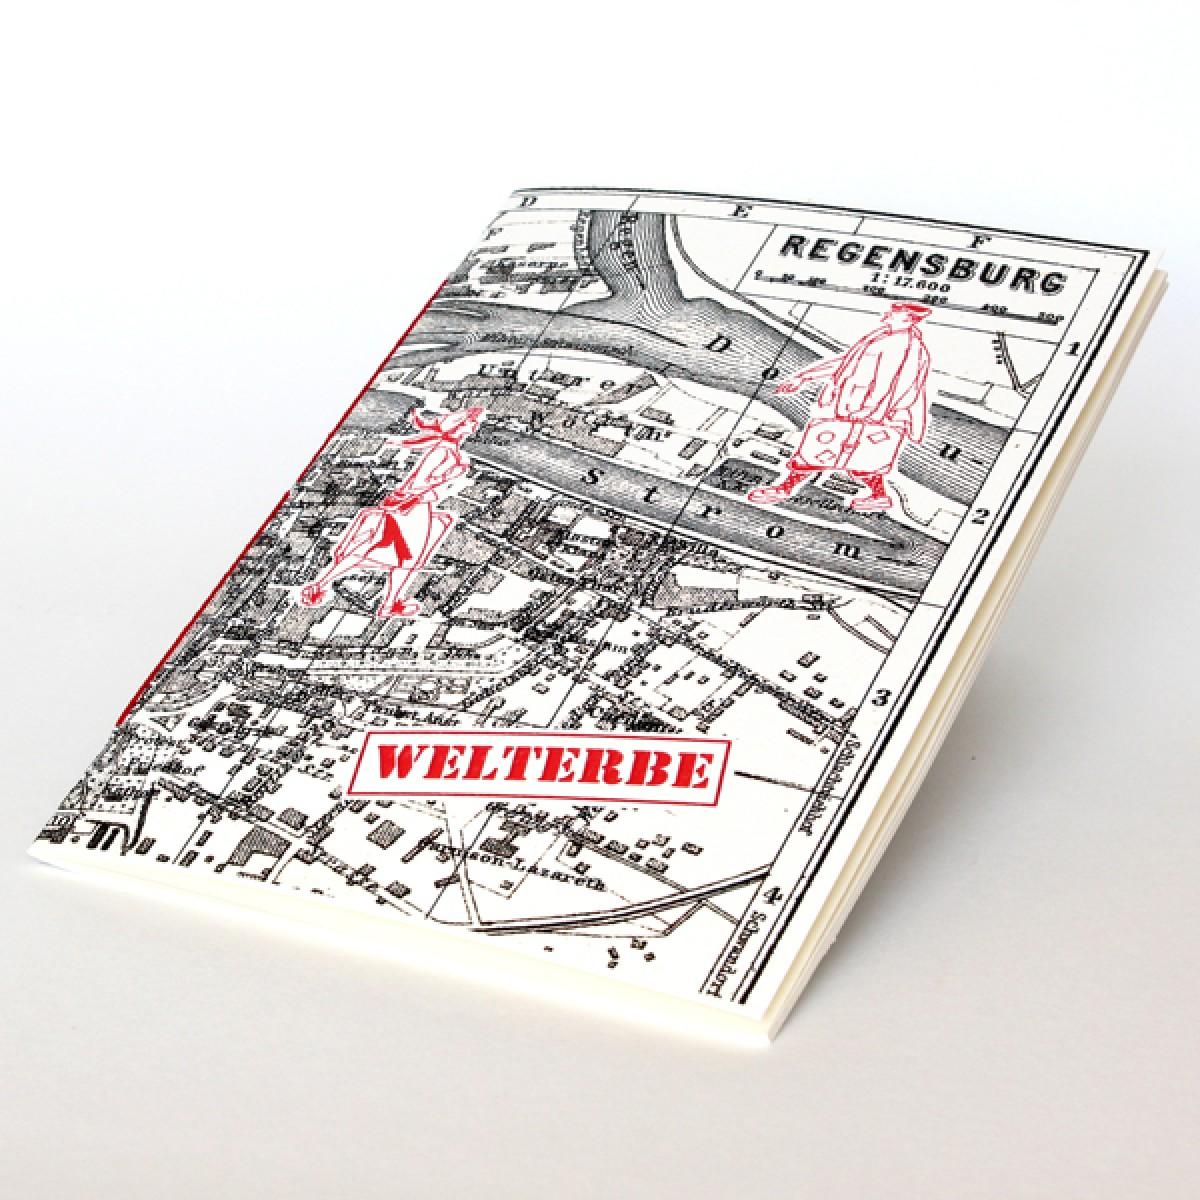 fundgut99 Heft Regensburg